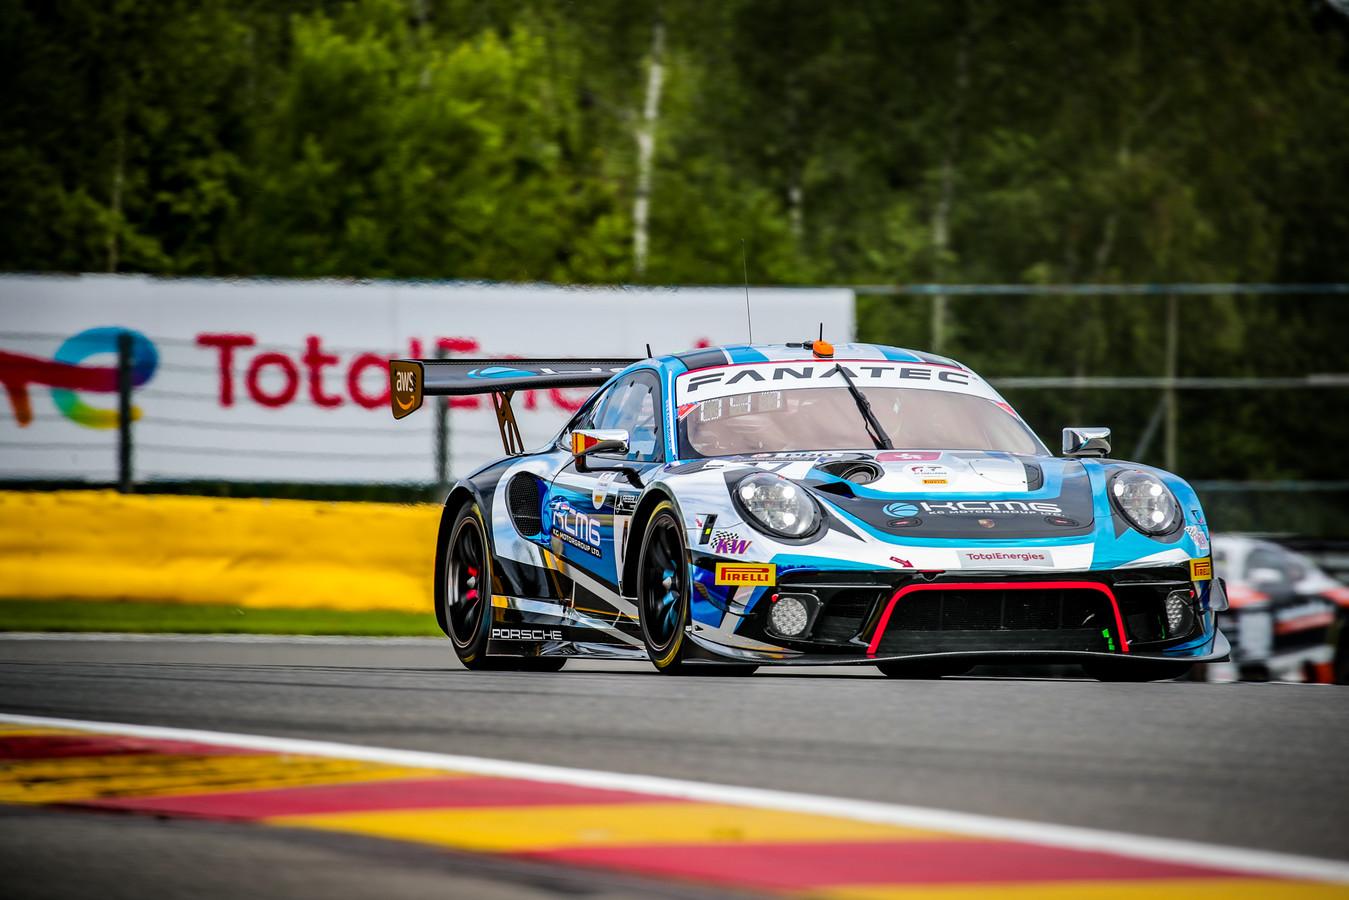 De KCMG Porsche 911 van ex-winnaars Laurens Vanthoor en Maxime Martin, kanshebber op de zege in de 73ste editie van de 24 uur van Spa.